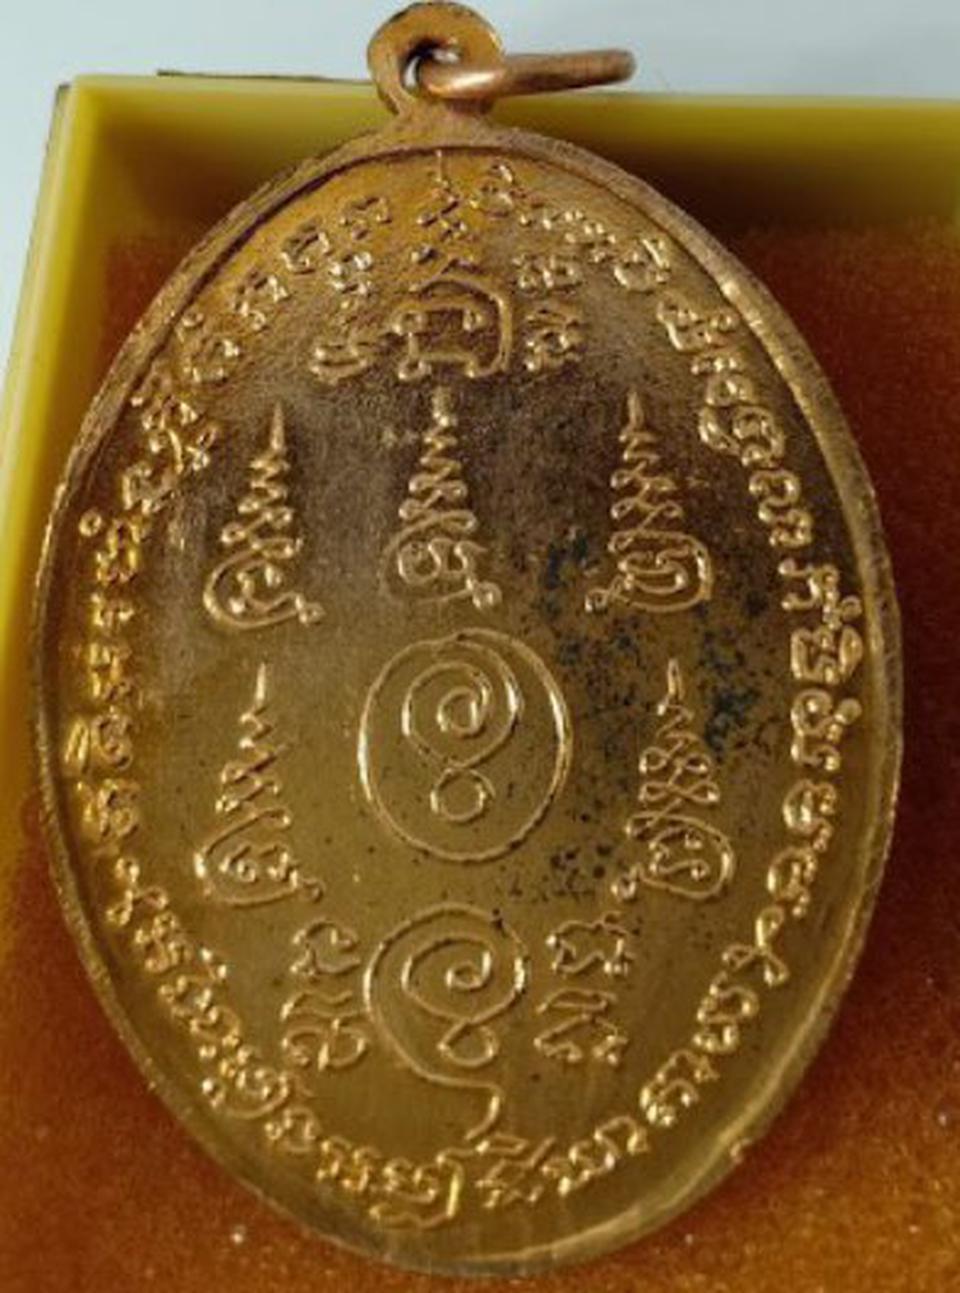 เหรียญหลวงพ่อบุญนาค วัดประดู่ทรงธรรม อยุธยา ปีเนื้อทองแดง รูปที่ 2